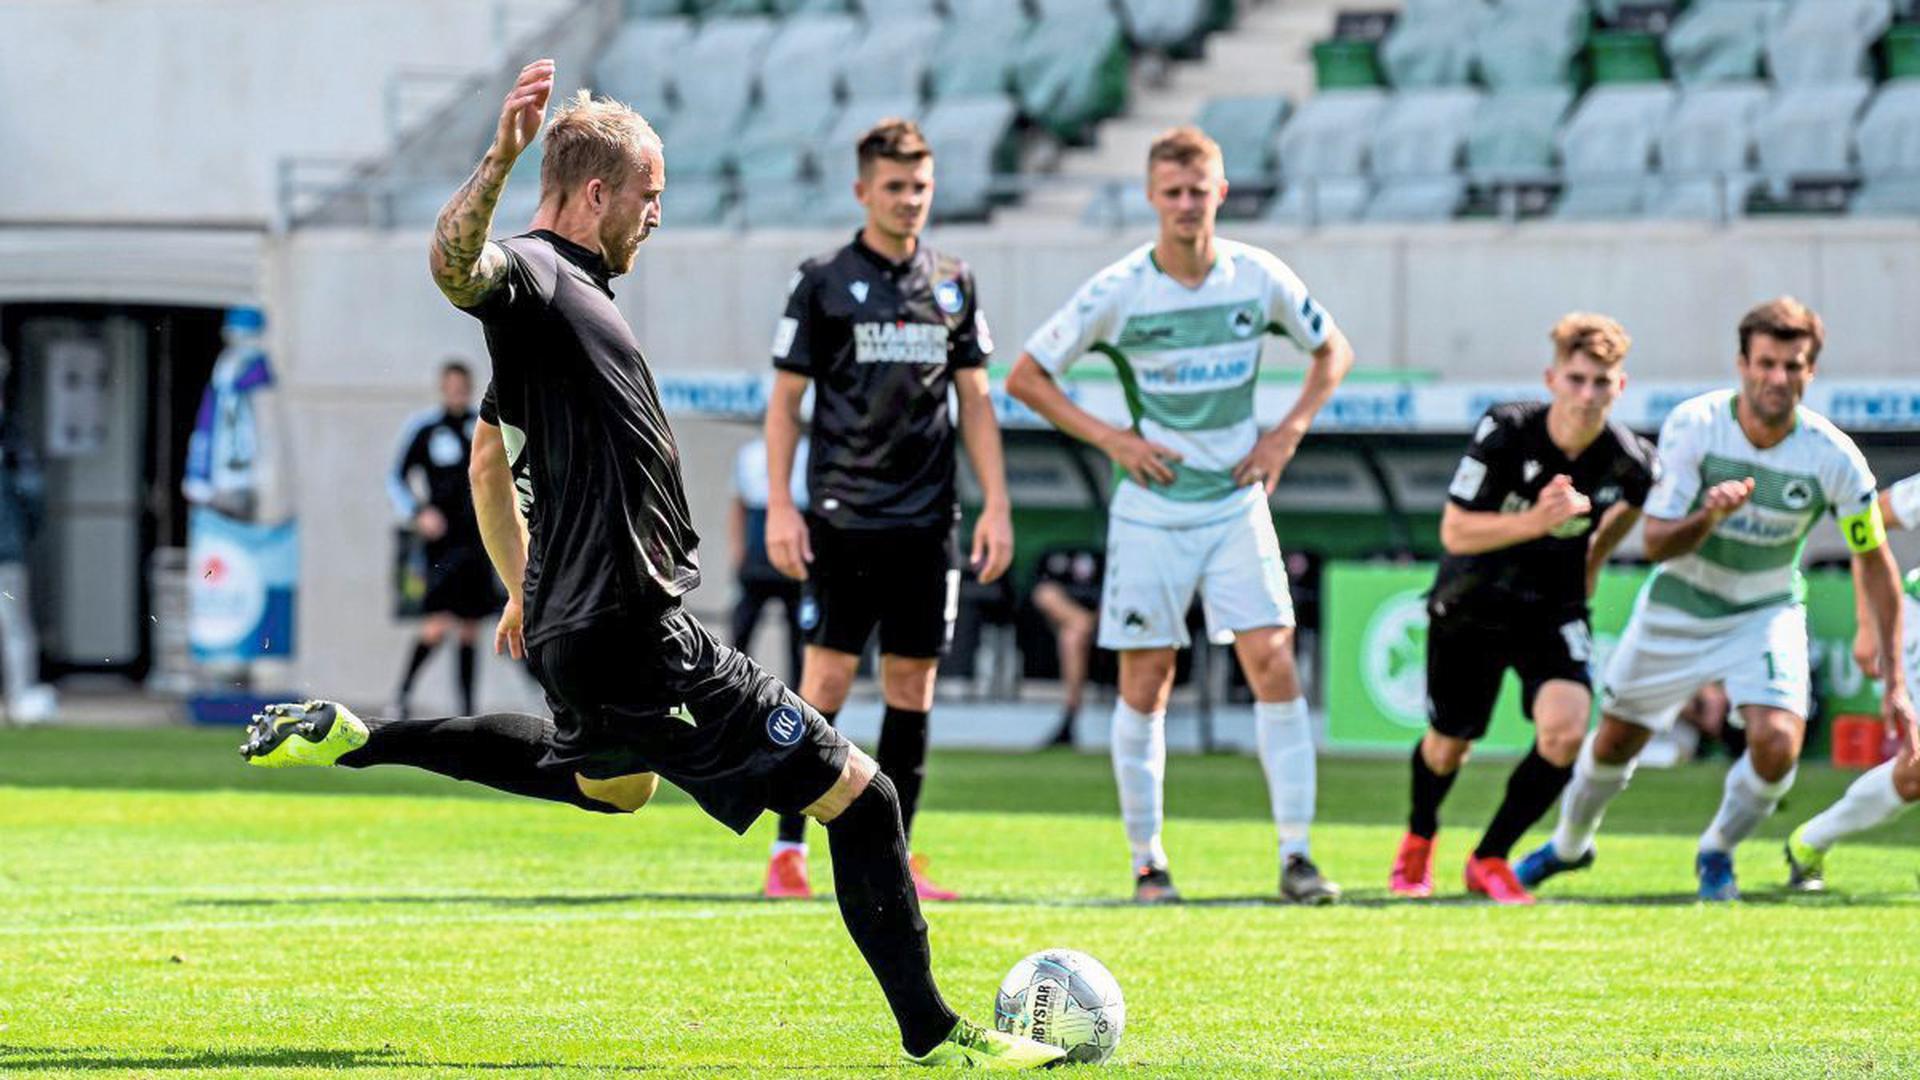 Das Tor zur Zweiten Liga: KSC-Stürmer Philipp Hofmann trifft per Elfmeter zum 2:1-Endstand gegen Greuther Fürth.